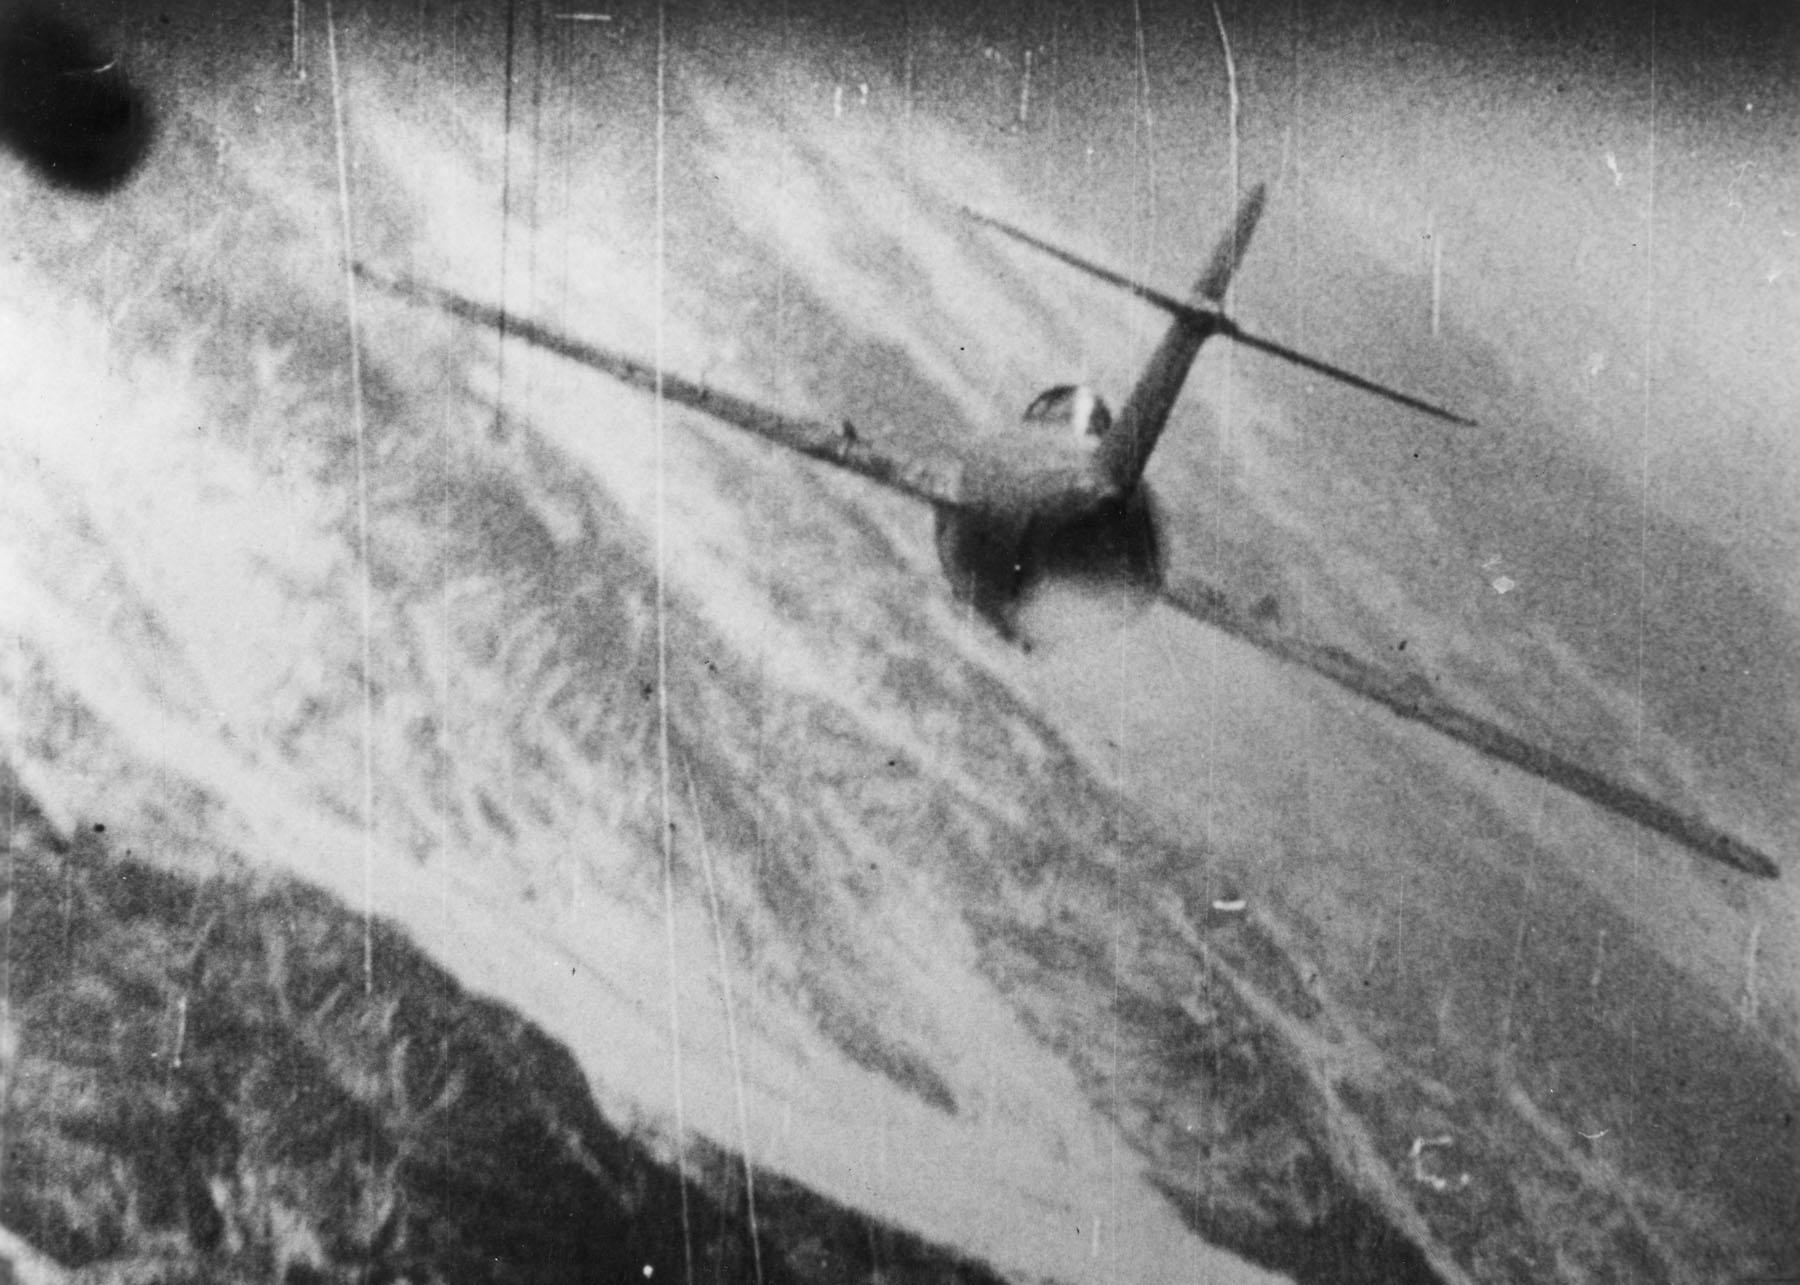 odrzutowiec zestrzelony   MiG-15 widziany przez fotokarabin amerykańskiego F-86 (fot. National Museum of the U.S. Air Force)